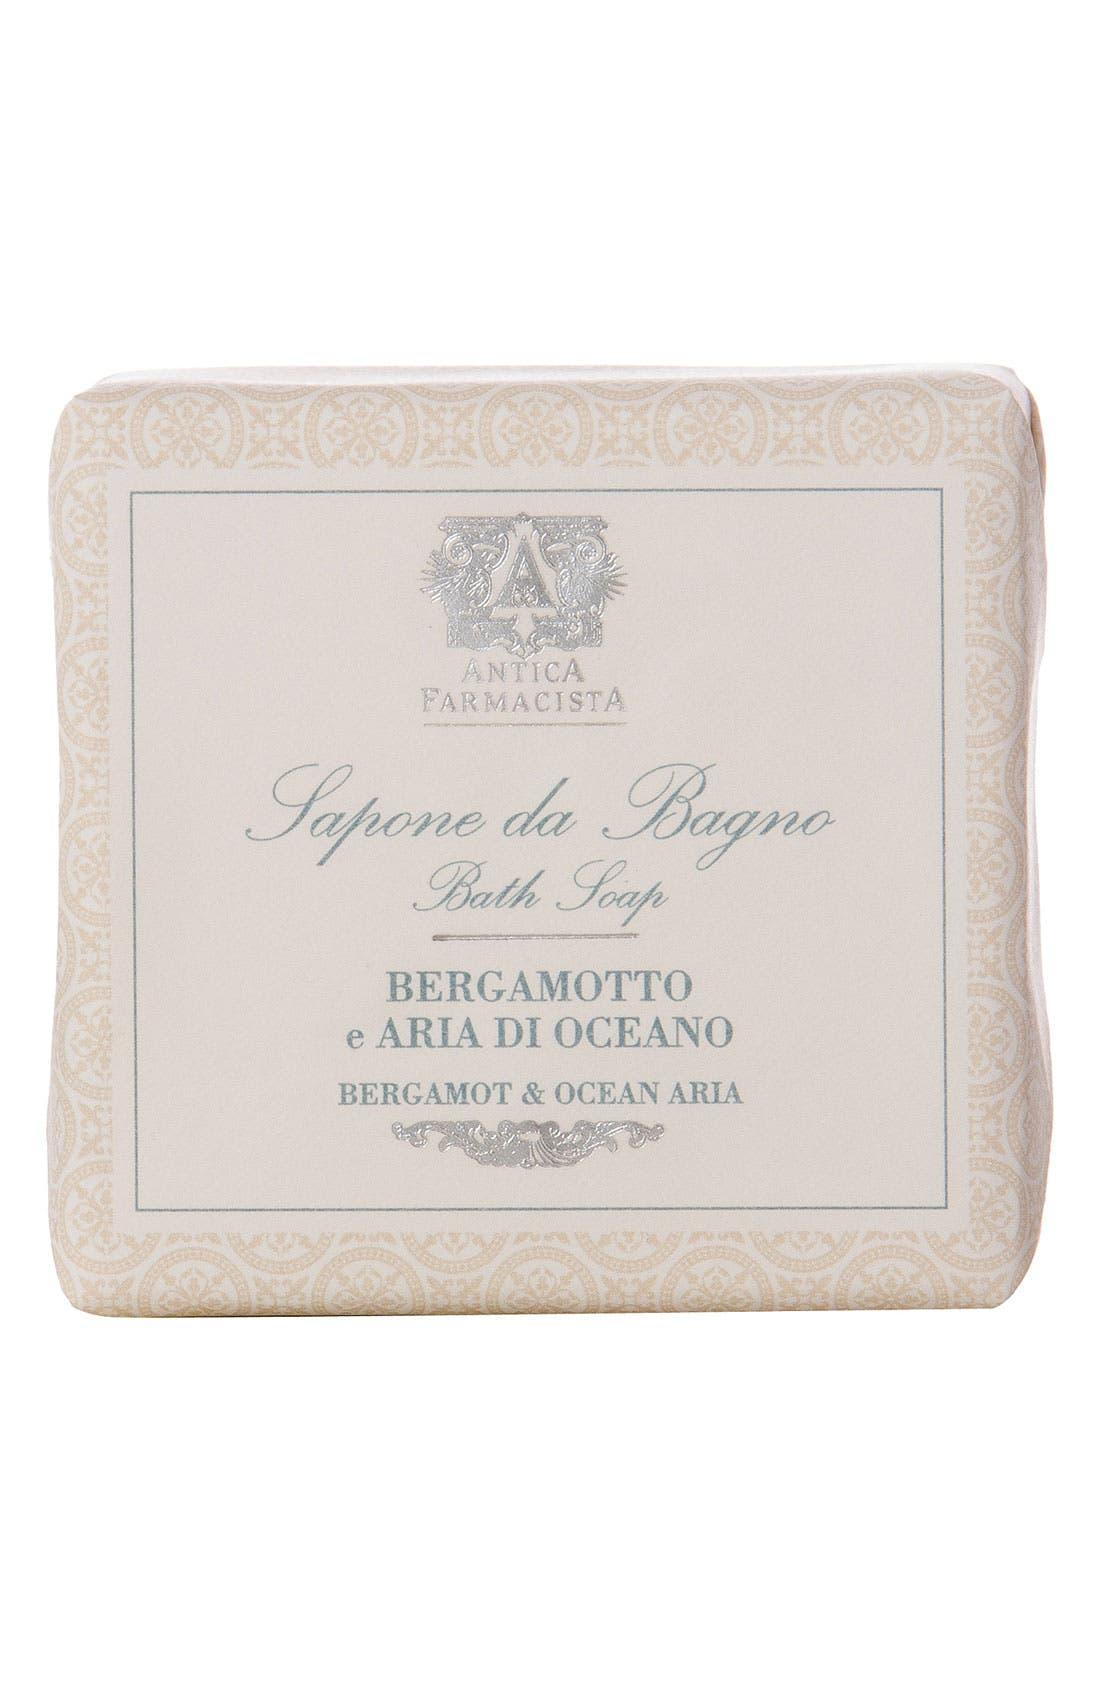 Antica Farmacista 'Bergamot & Ocean Aria' Bar Soap